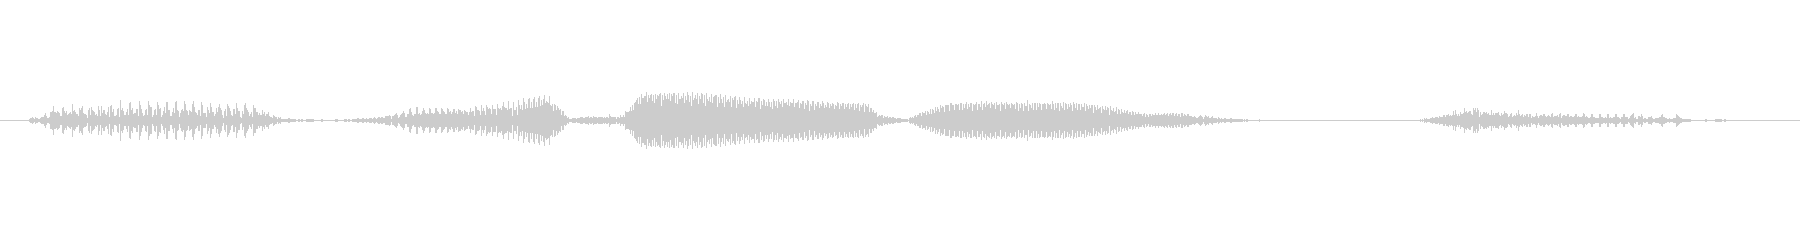 「ダブルリーチ(立直)」麻雀の未再生の波形